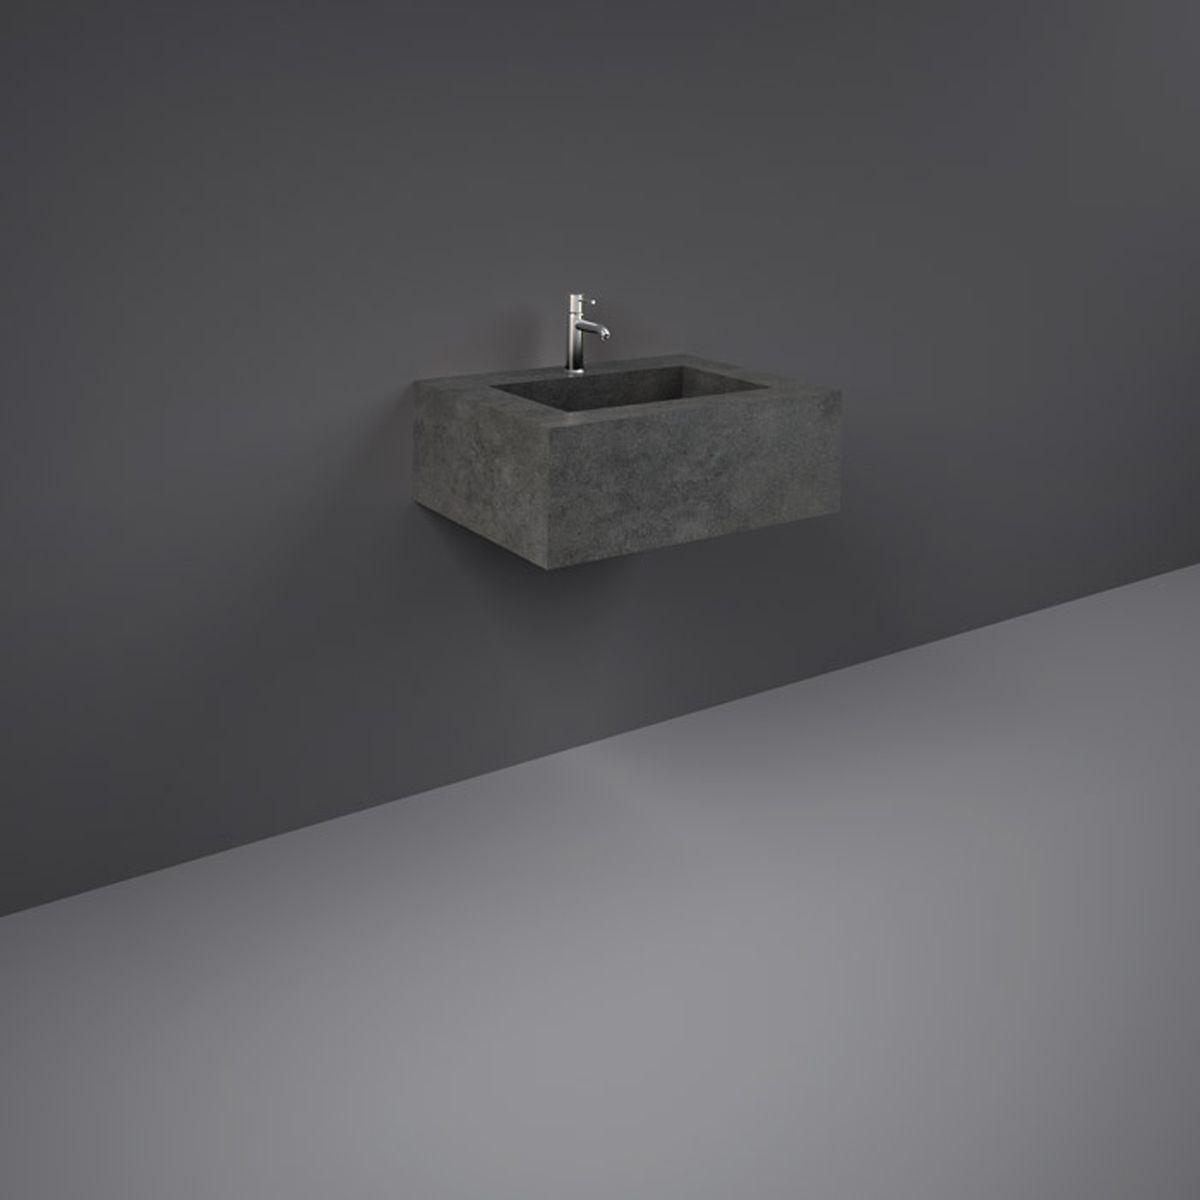 RAK Precious Behind Grey Wall Hung Counter Basin with Brackets